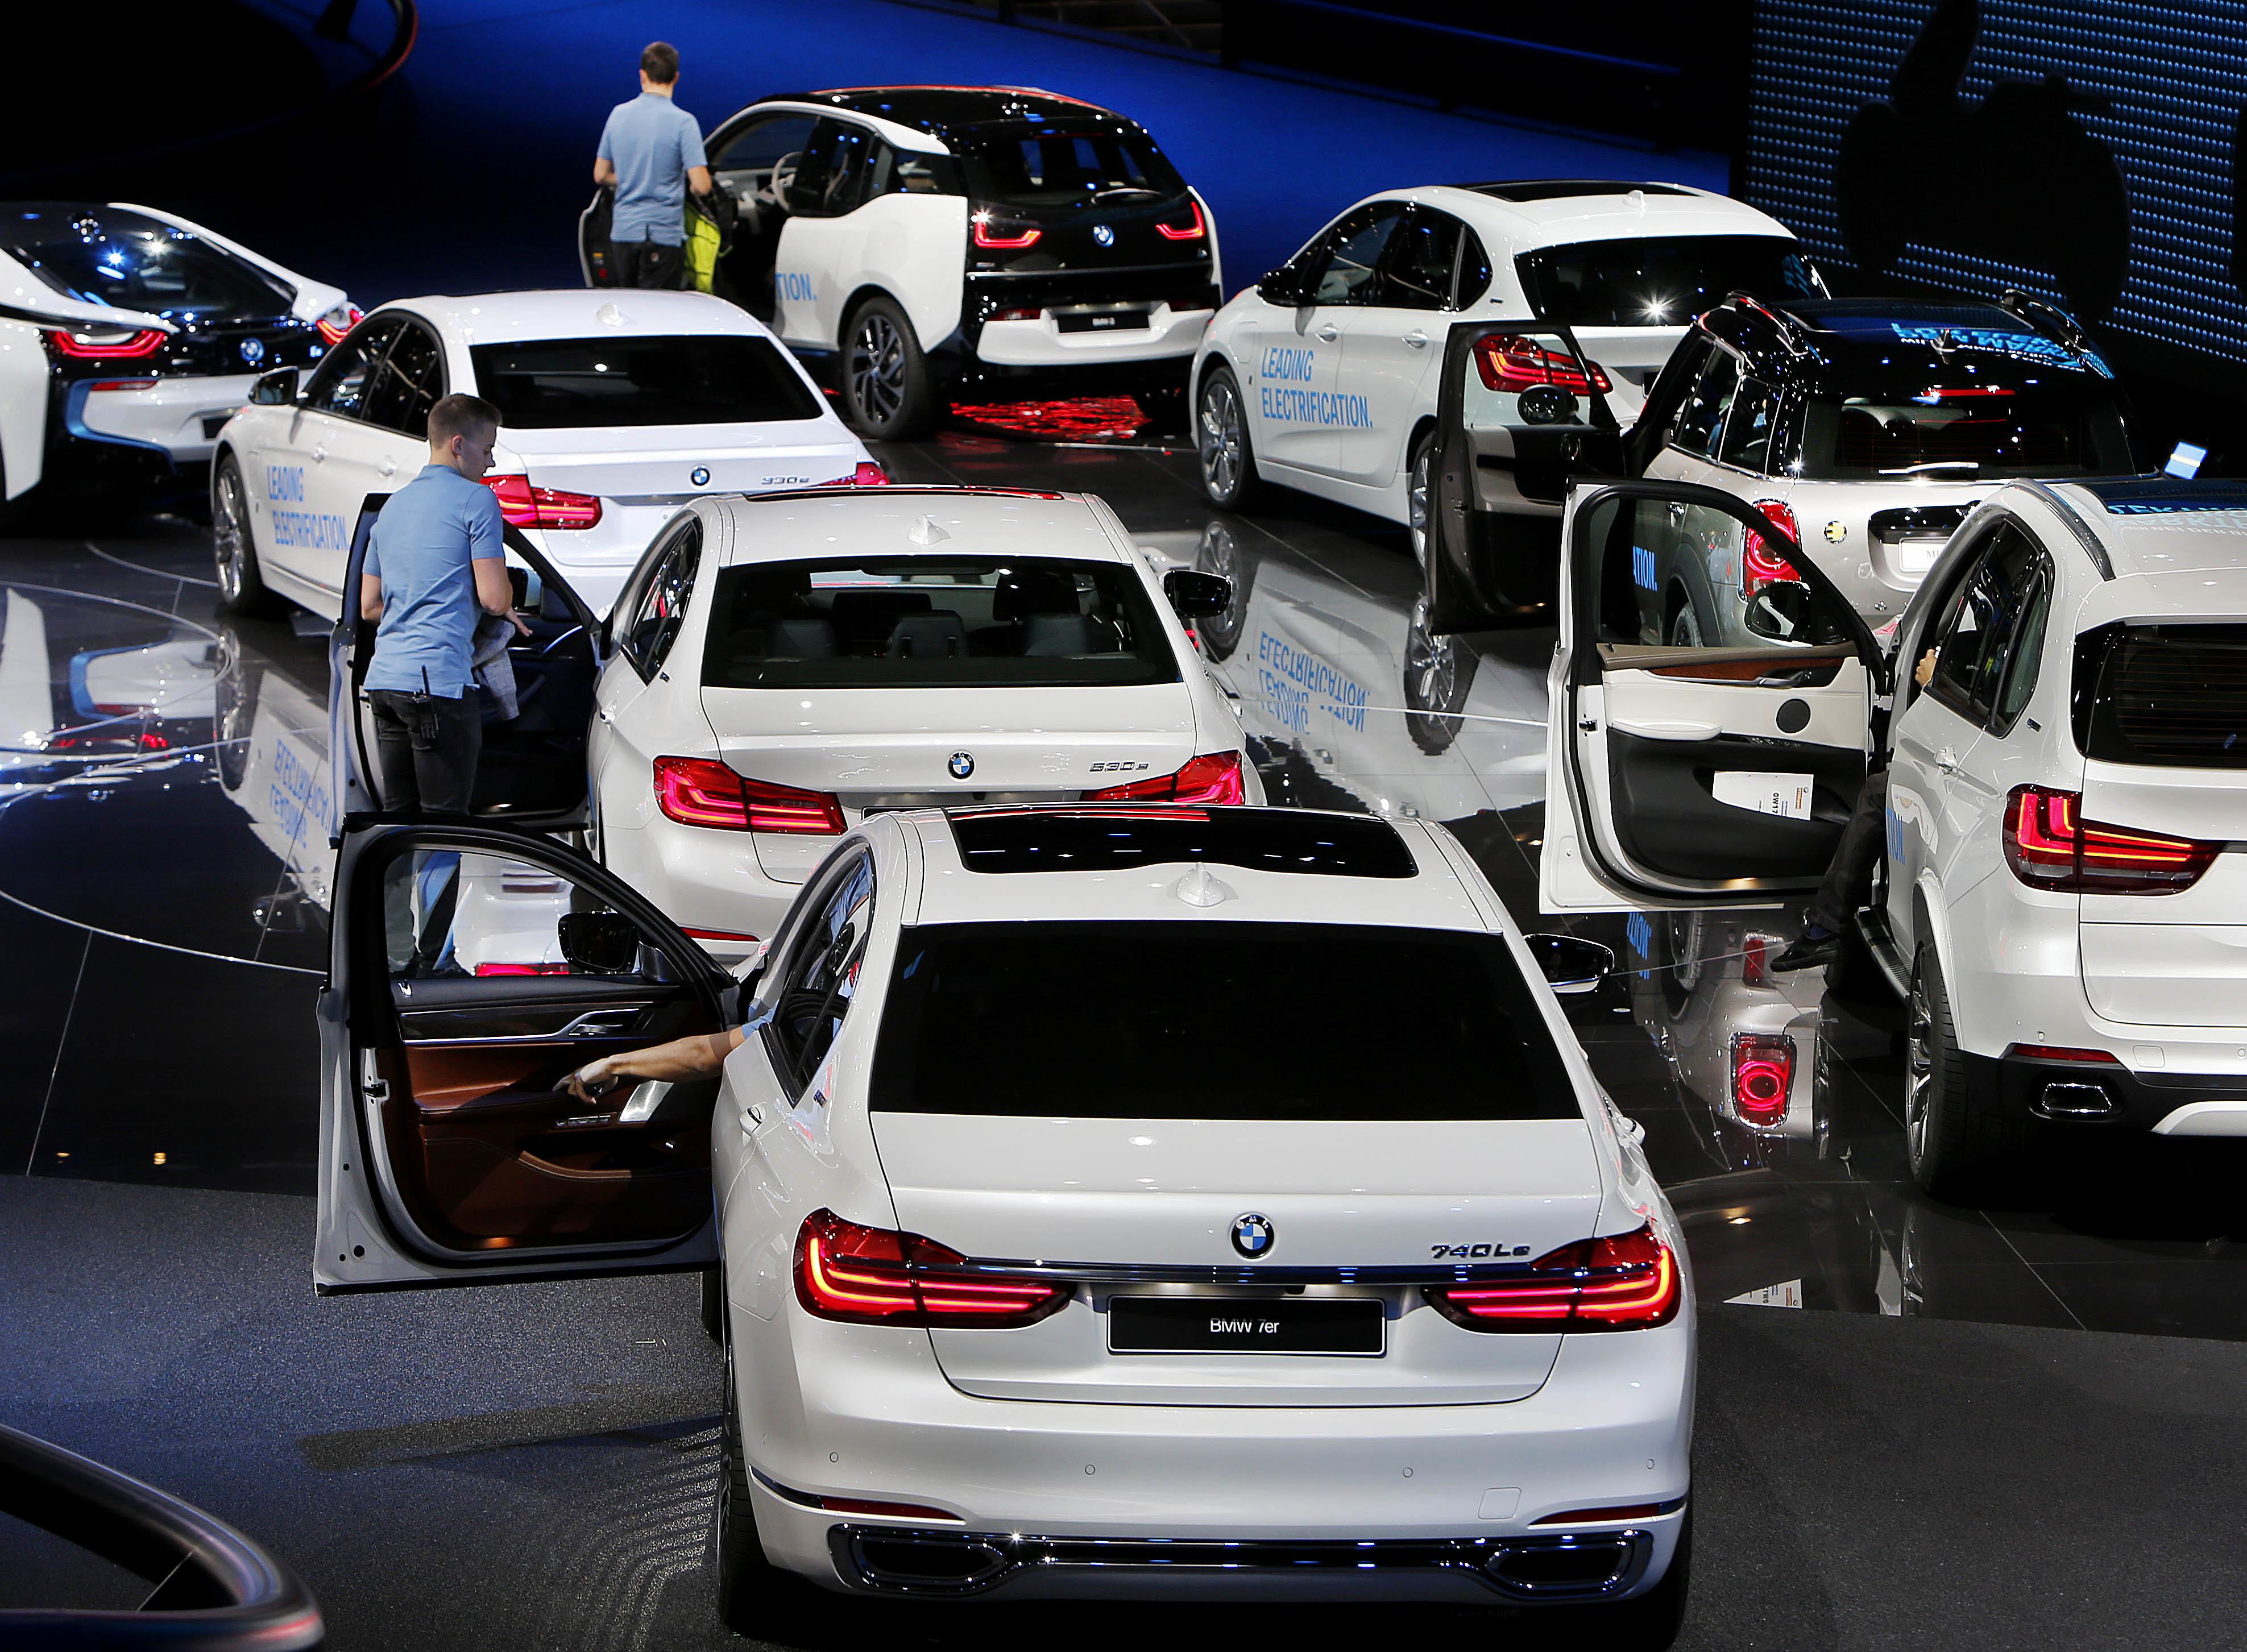 Влизат в сила нови правила при регистриране на автомобили